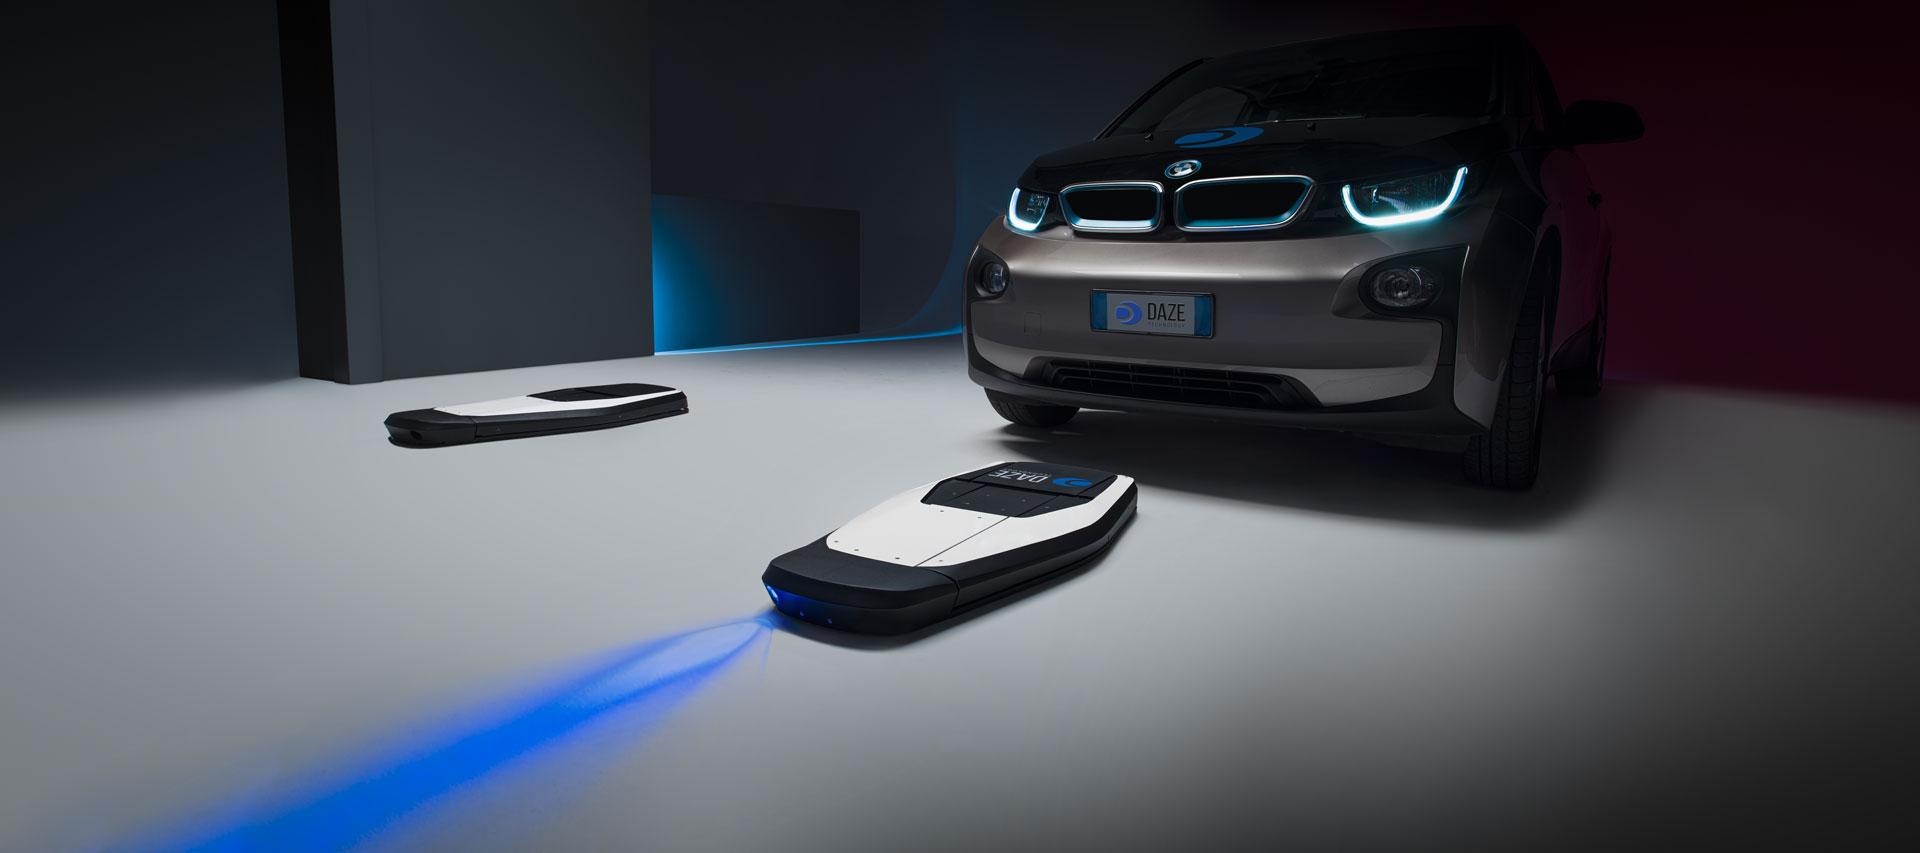 immagine dimostrativa sistema di ricarica per auto elettrica dazetecnology